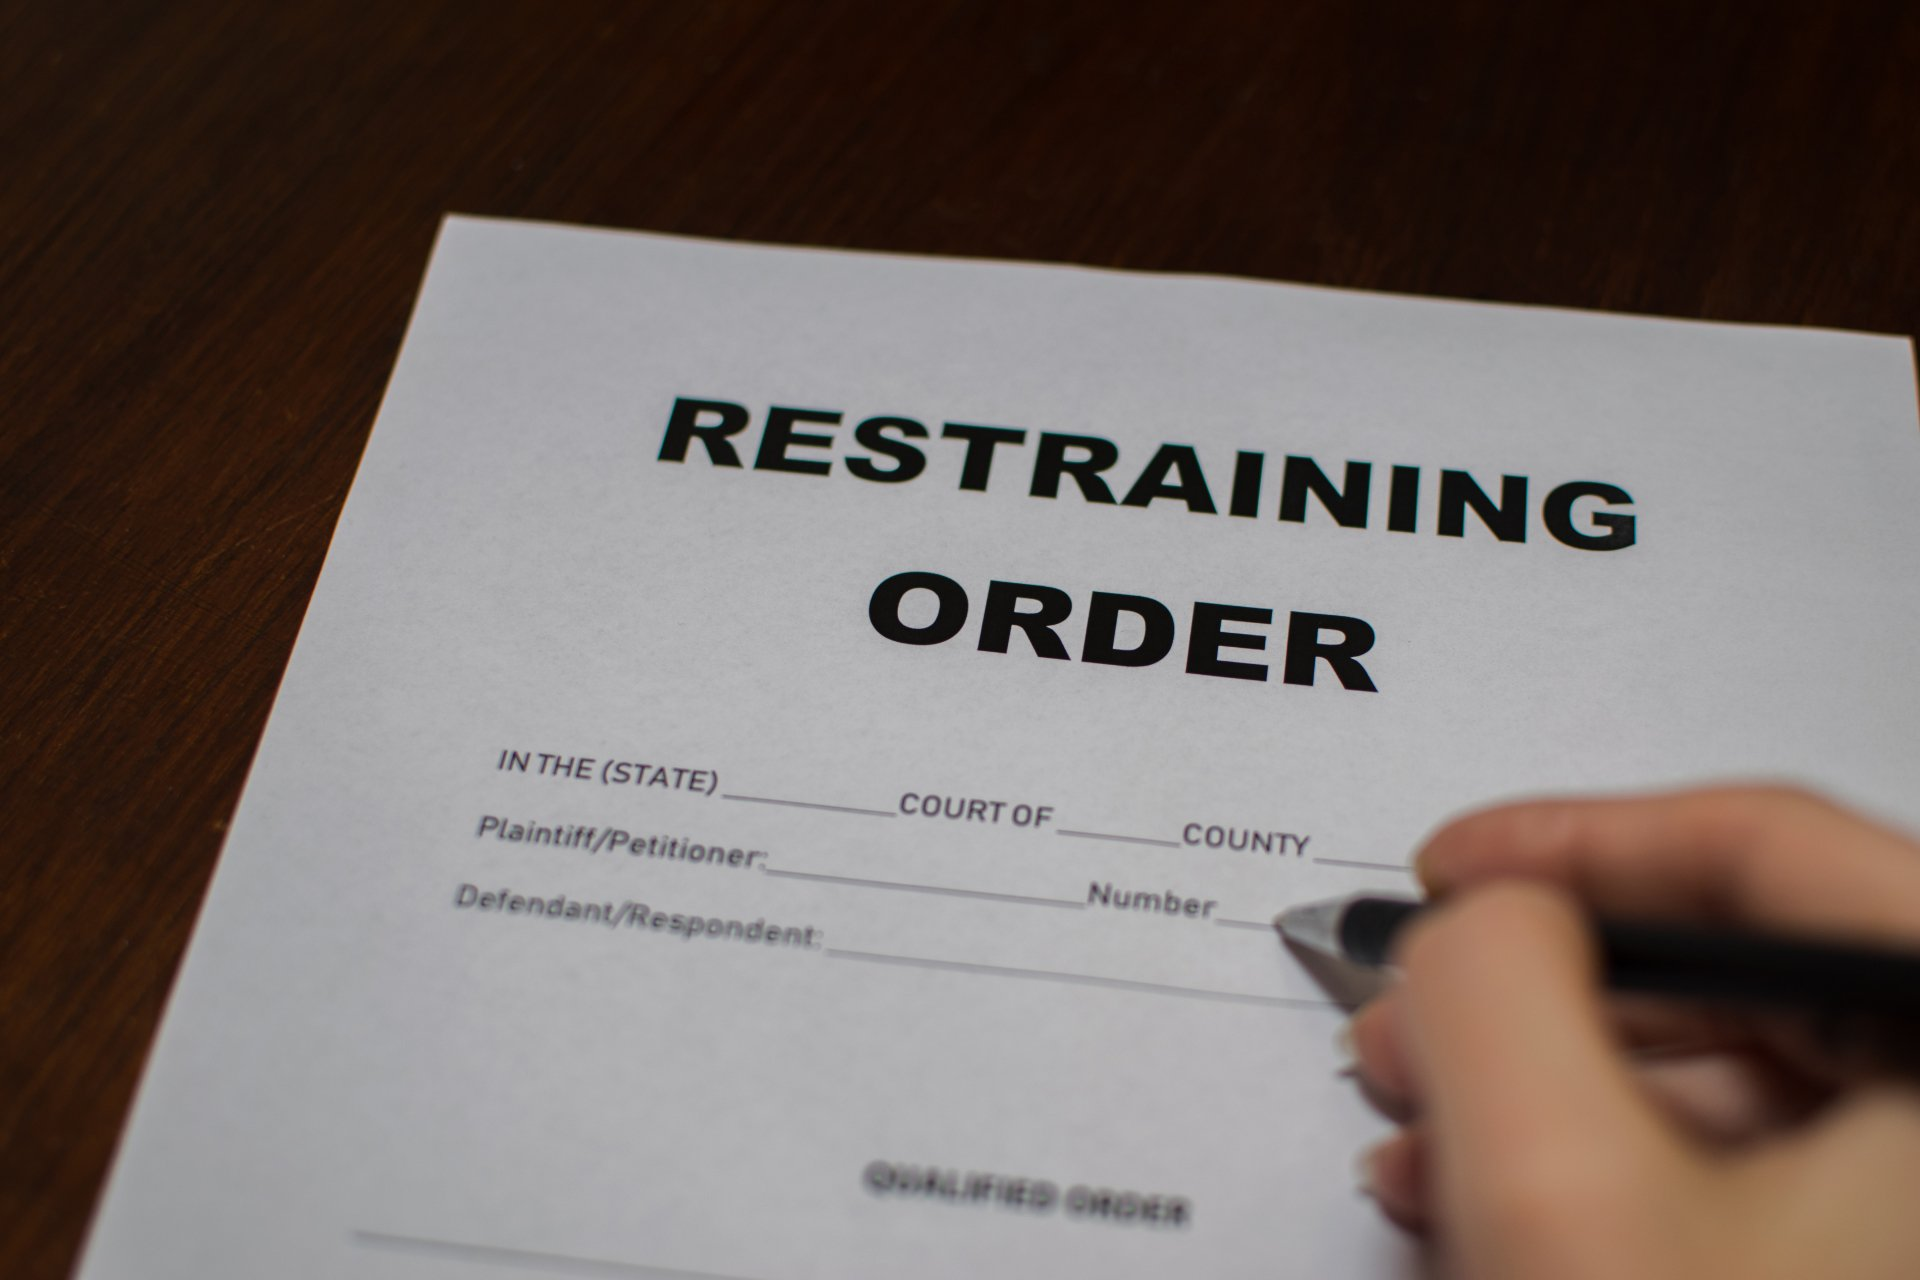 Restraining order essay